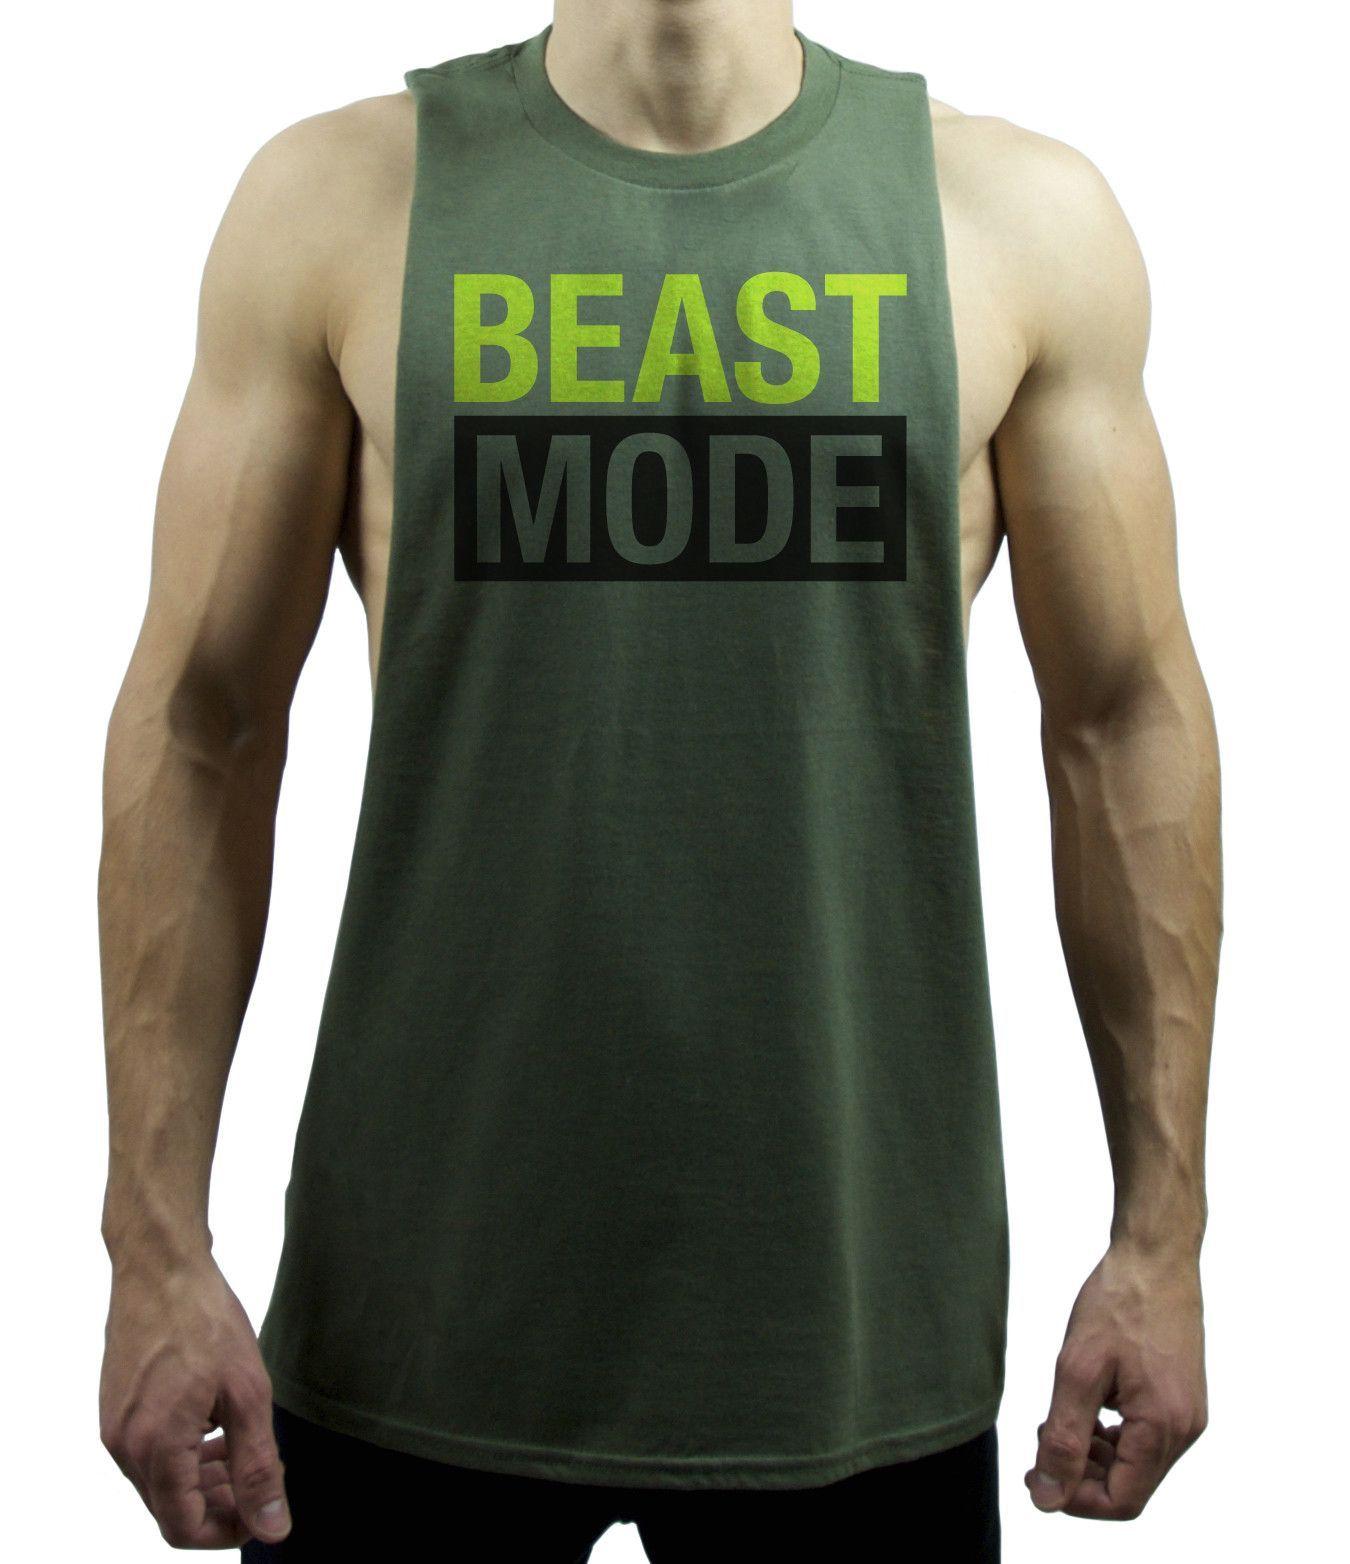 fd1a25ece9ff5 Men s Beast Mode Deep Cut Out Muscle Tank Top Shirt